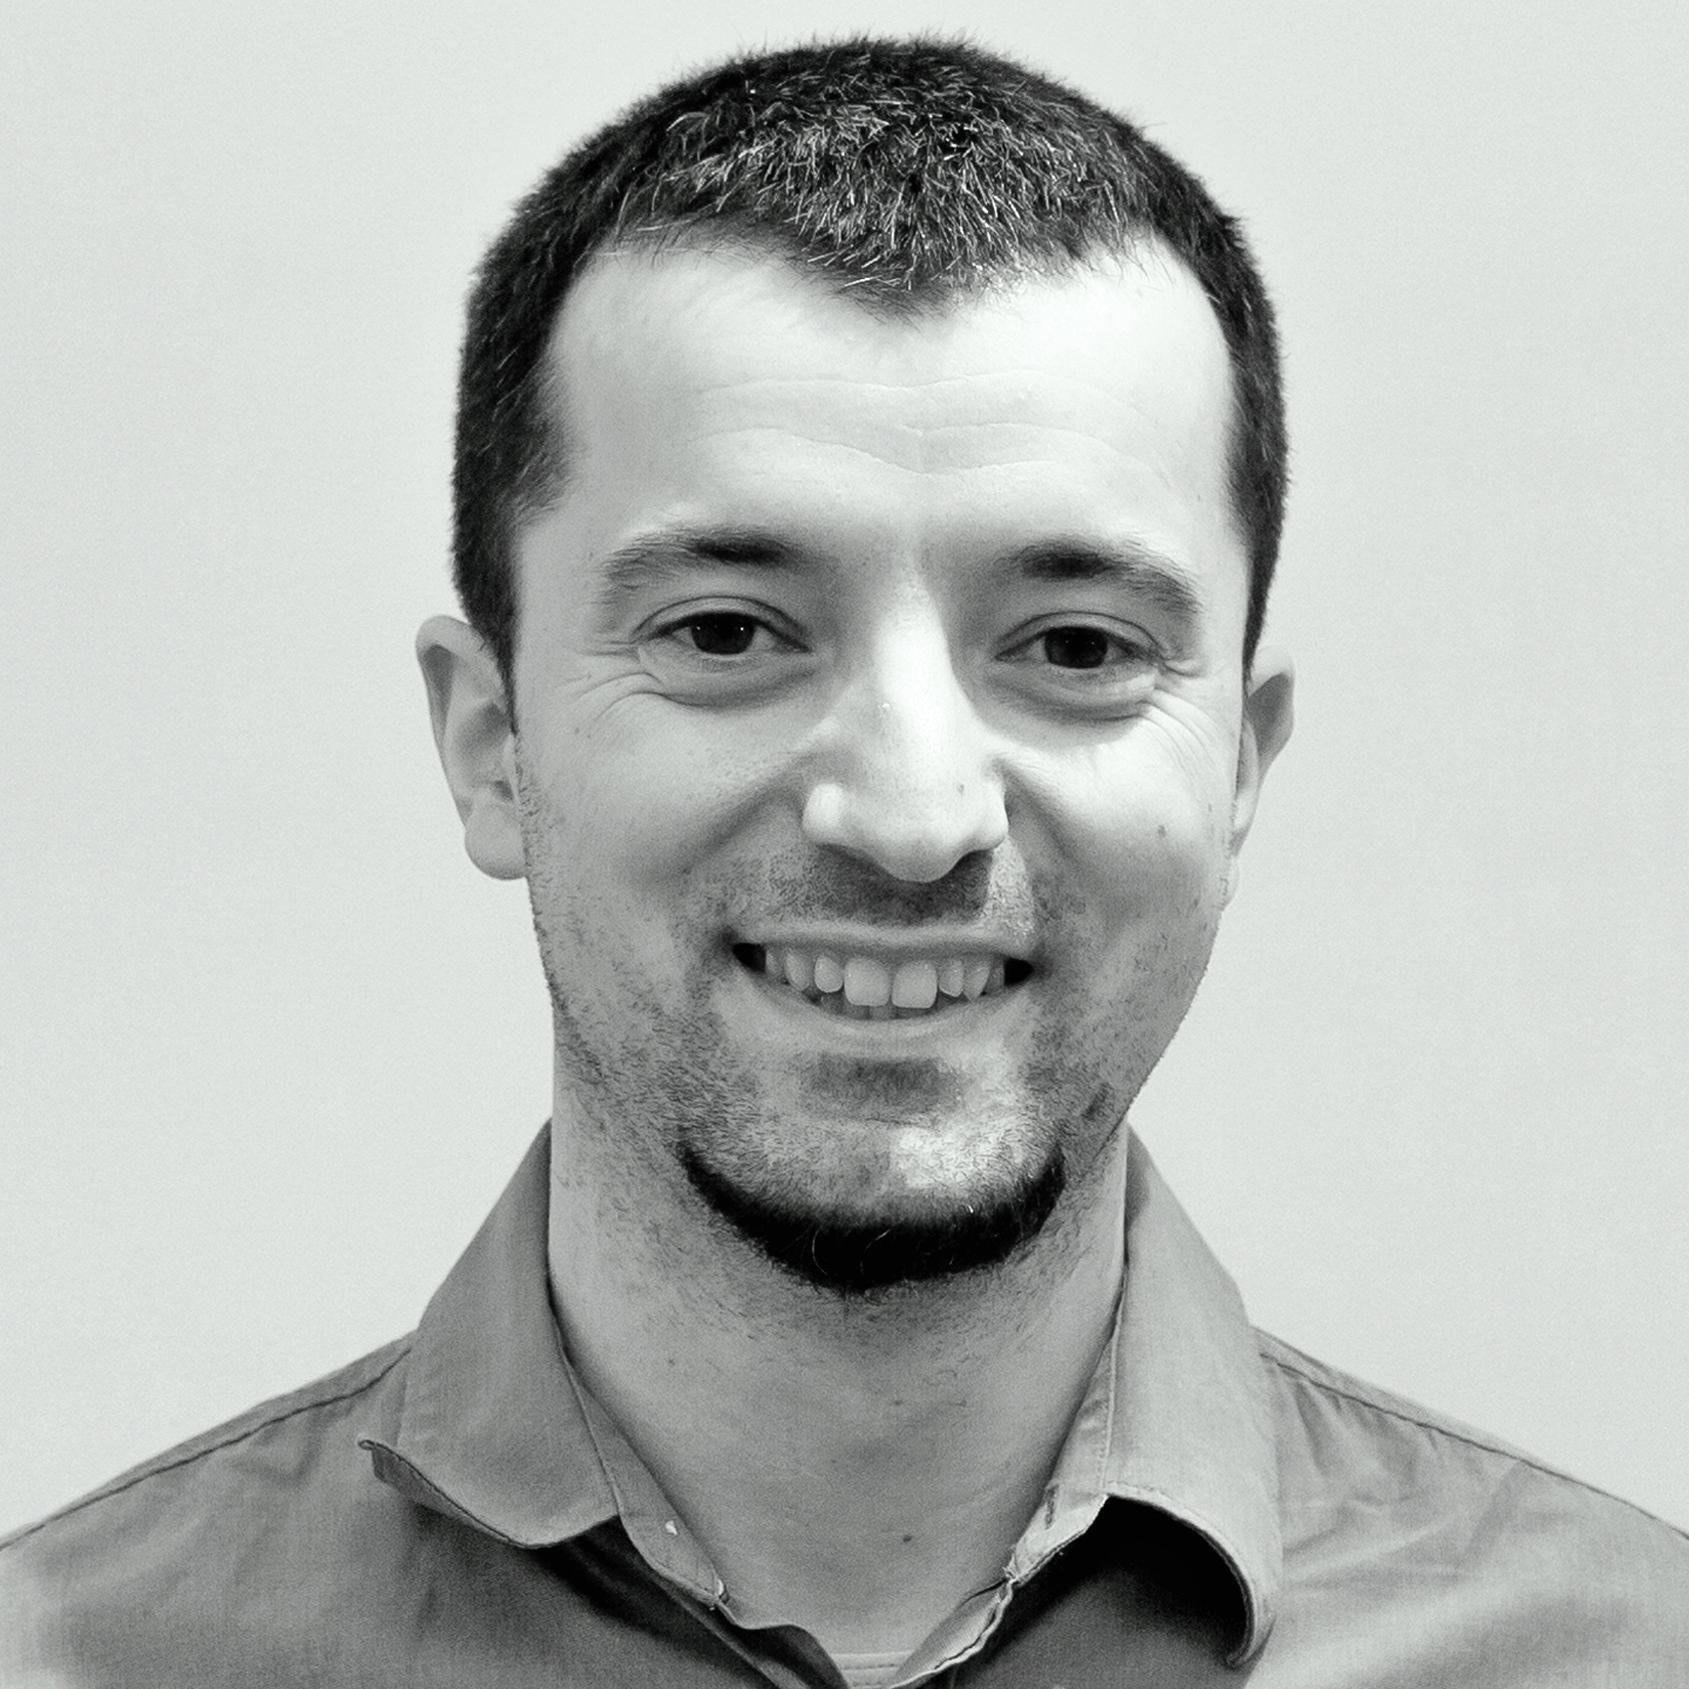 Nemanja Aleksic